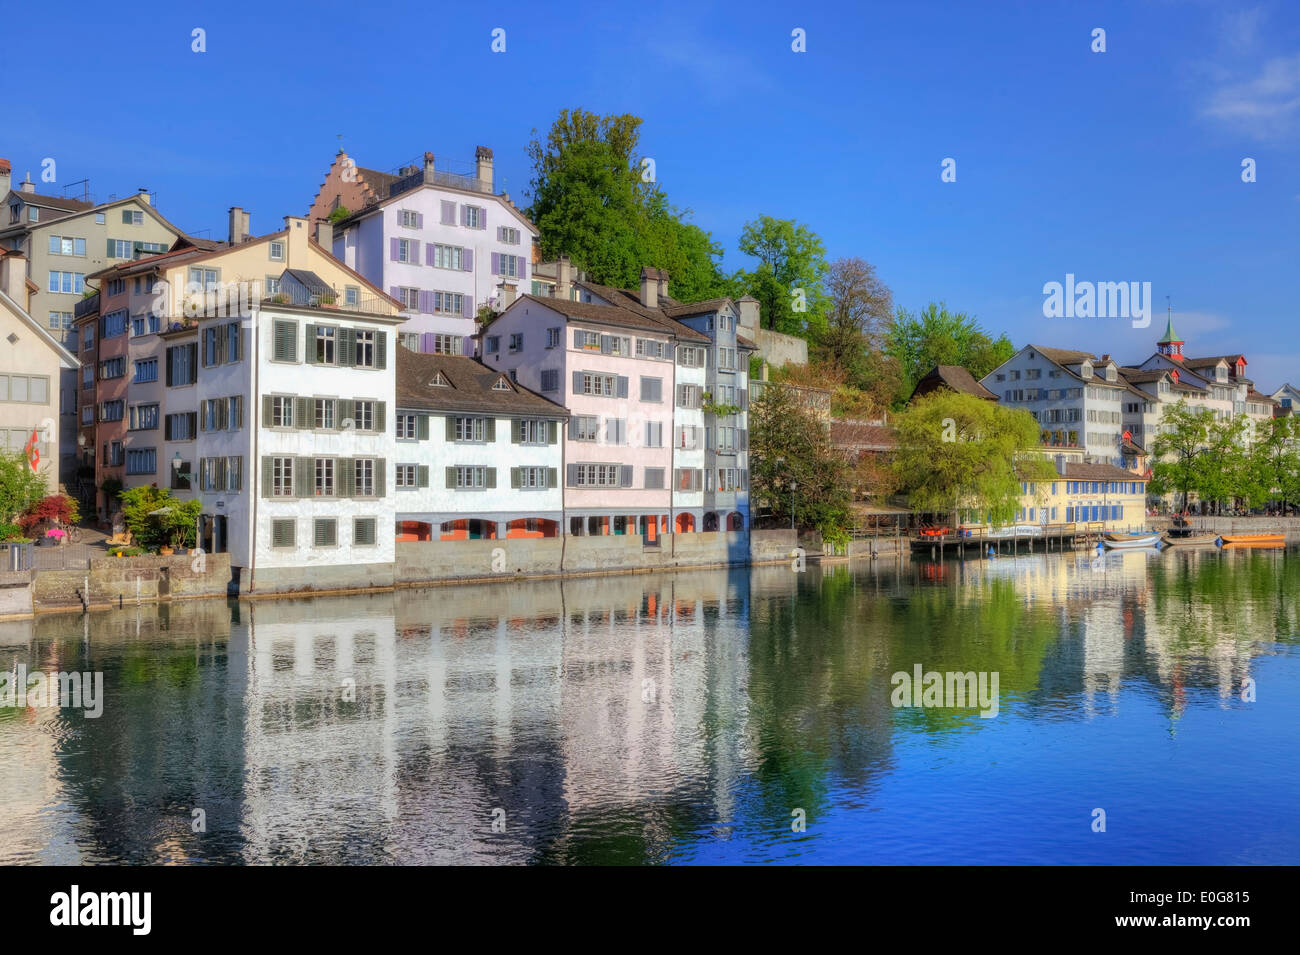 Zurigo, Schipfe, città vecchia, Limmat, Svizzera Immagini Stock